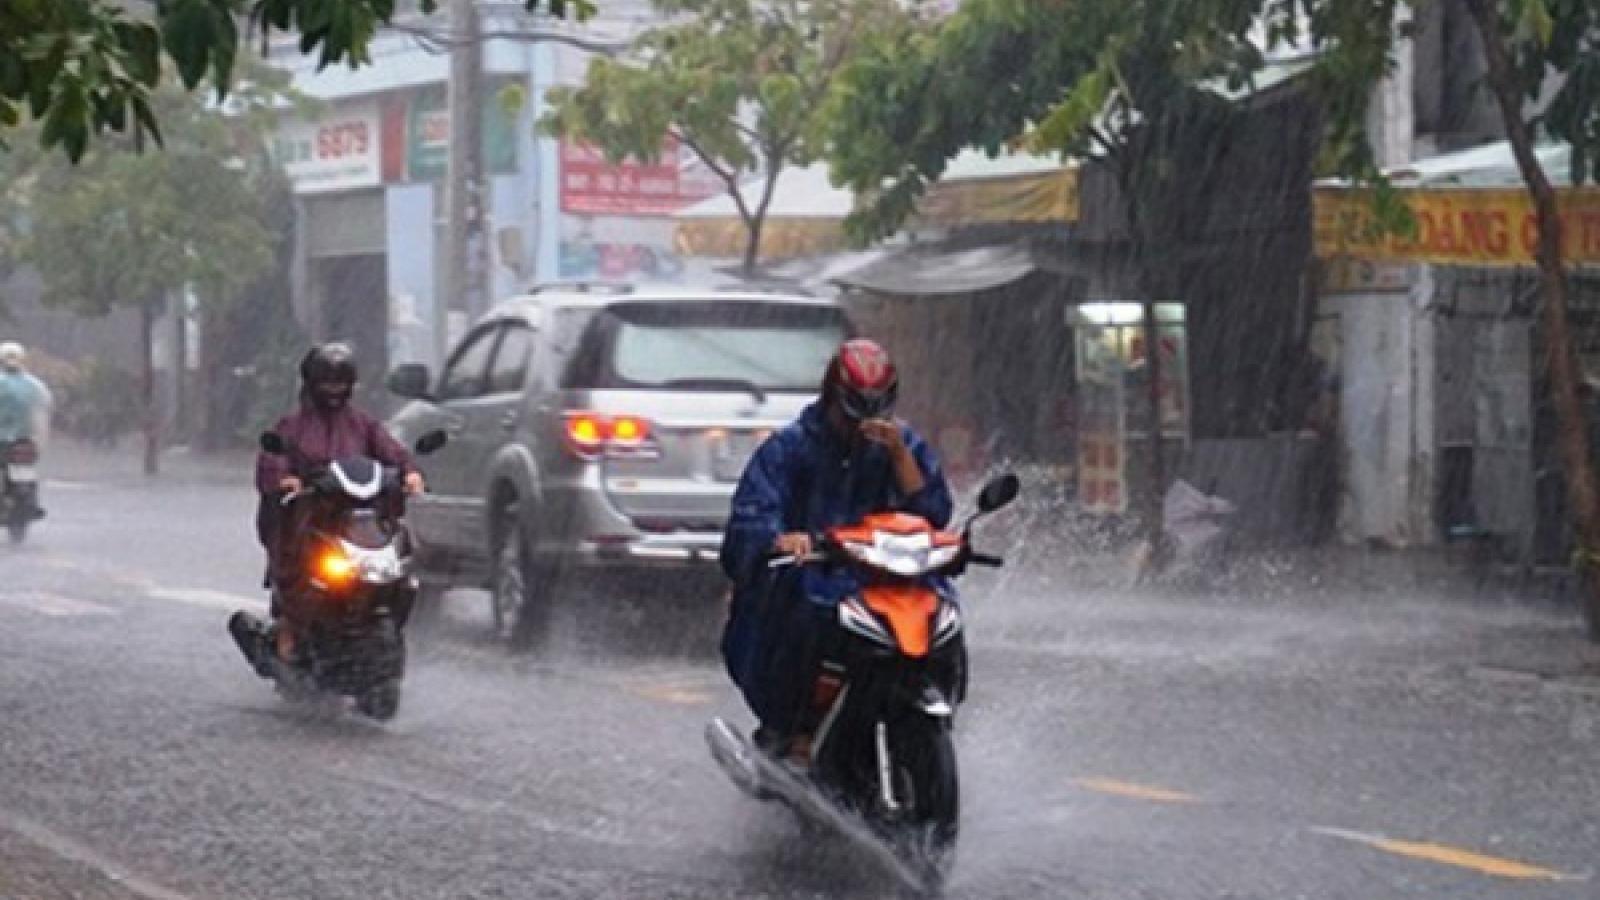 Hôm nay (27/7) Bắc Bộ, Nam Bộ và Tây Nguyên có mưa vừa, mưa to